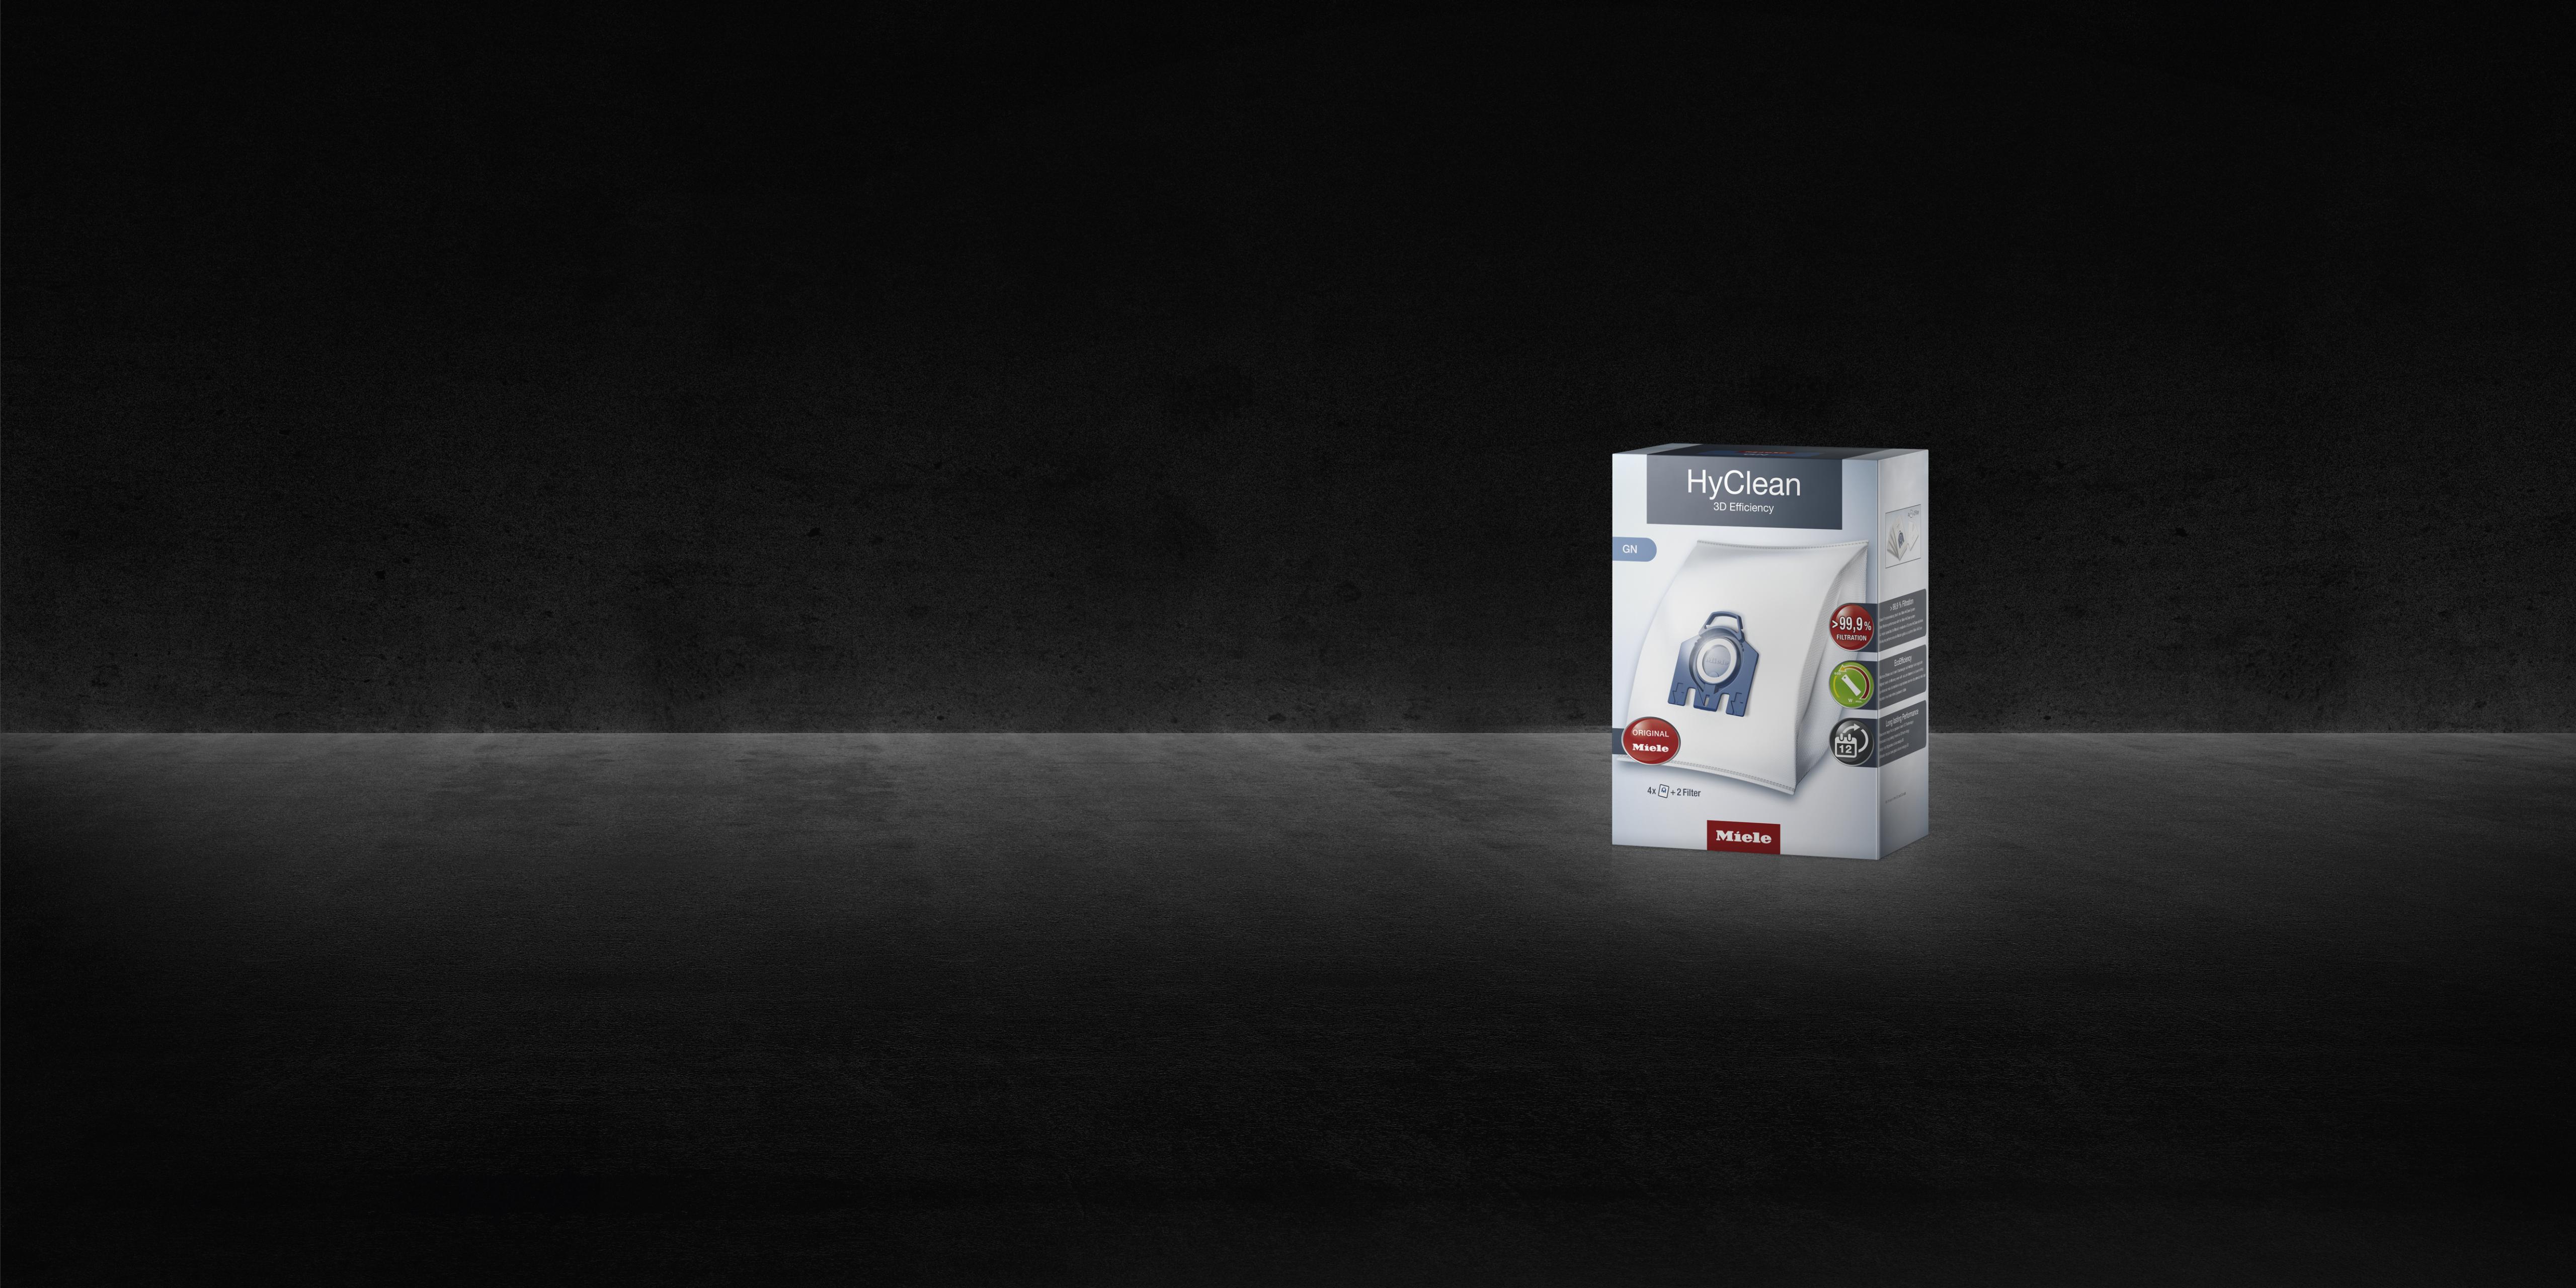 8 x Genuine Miele SB FJM HyClean 3D Efficiency Vacuum Hoover Dust Bags /& Filters